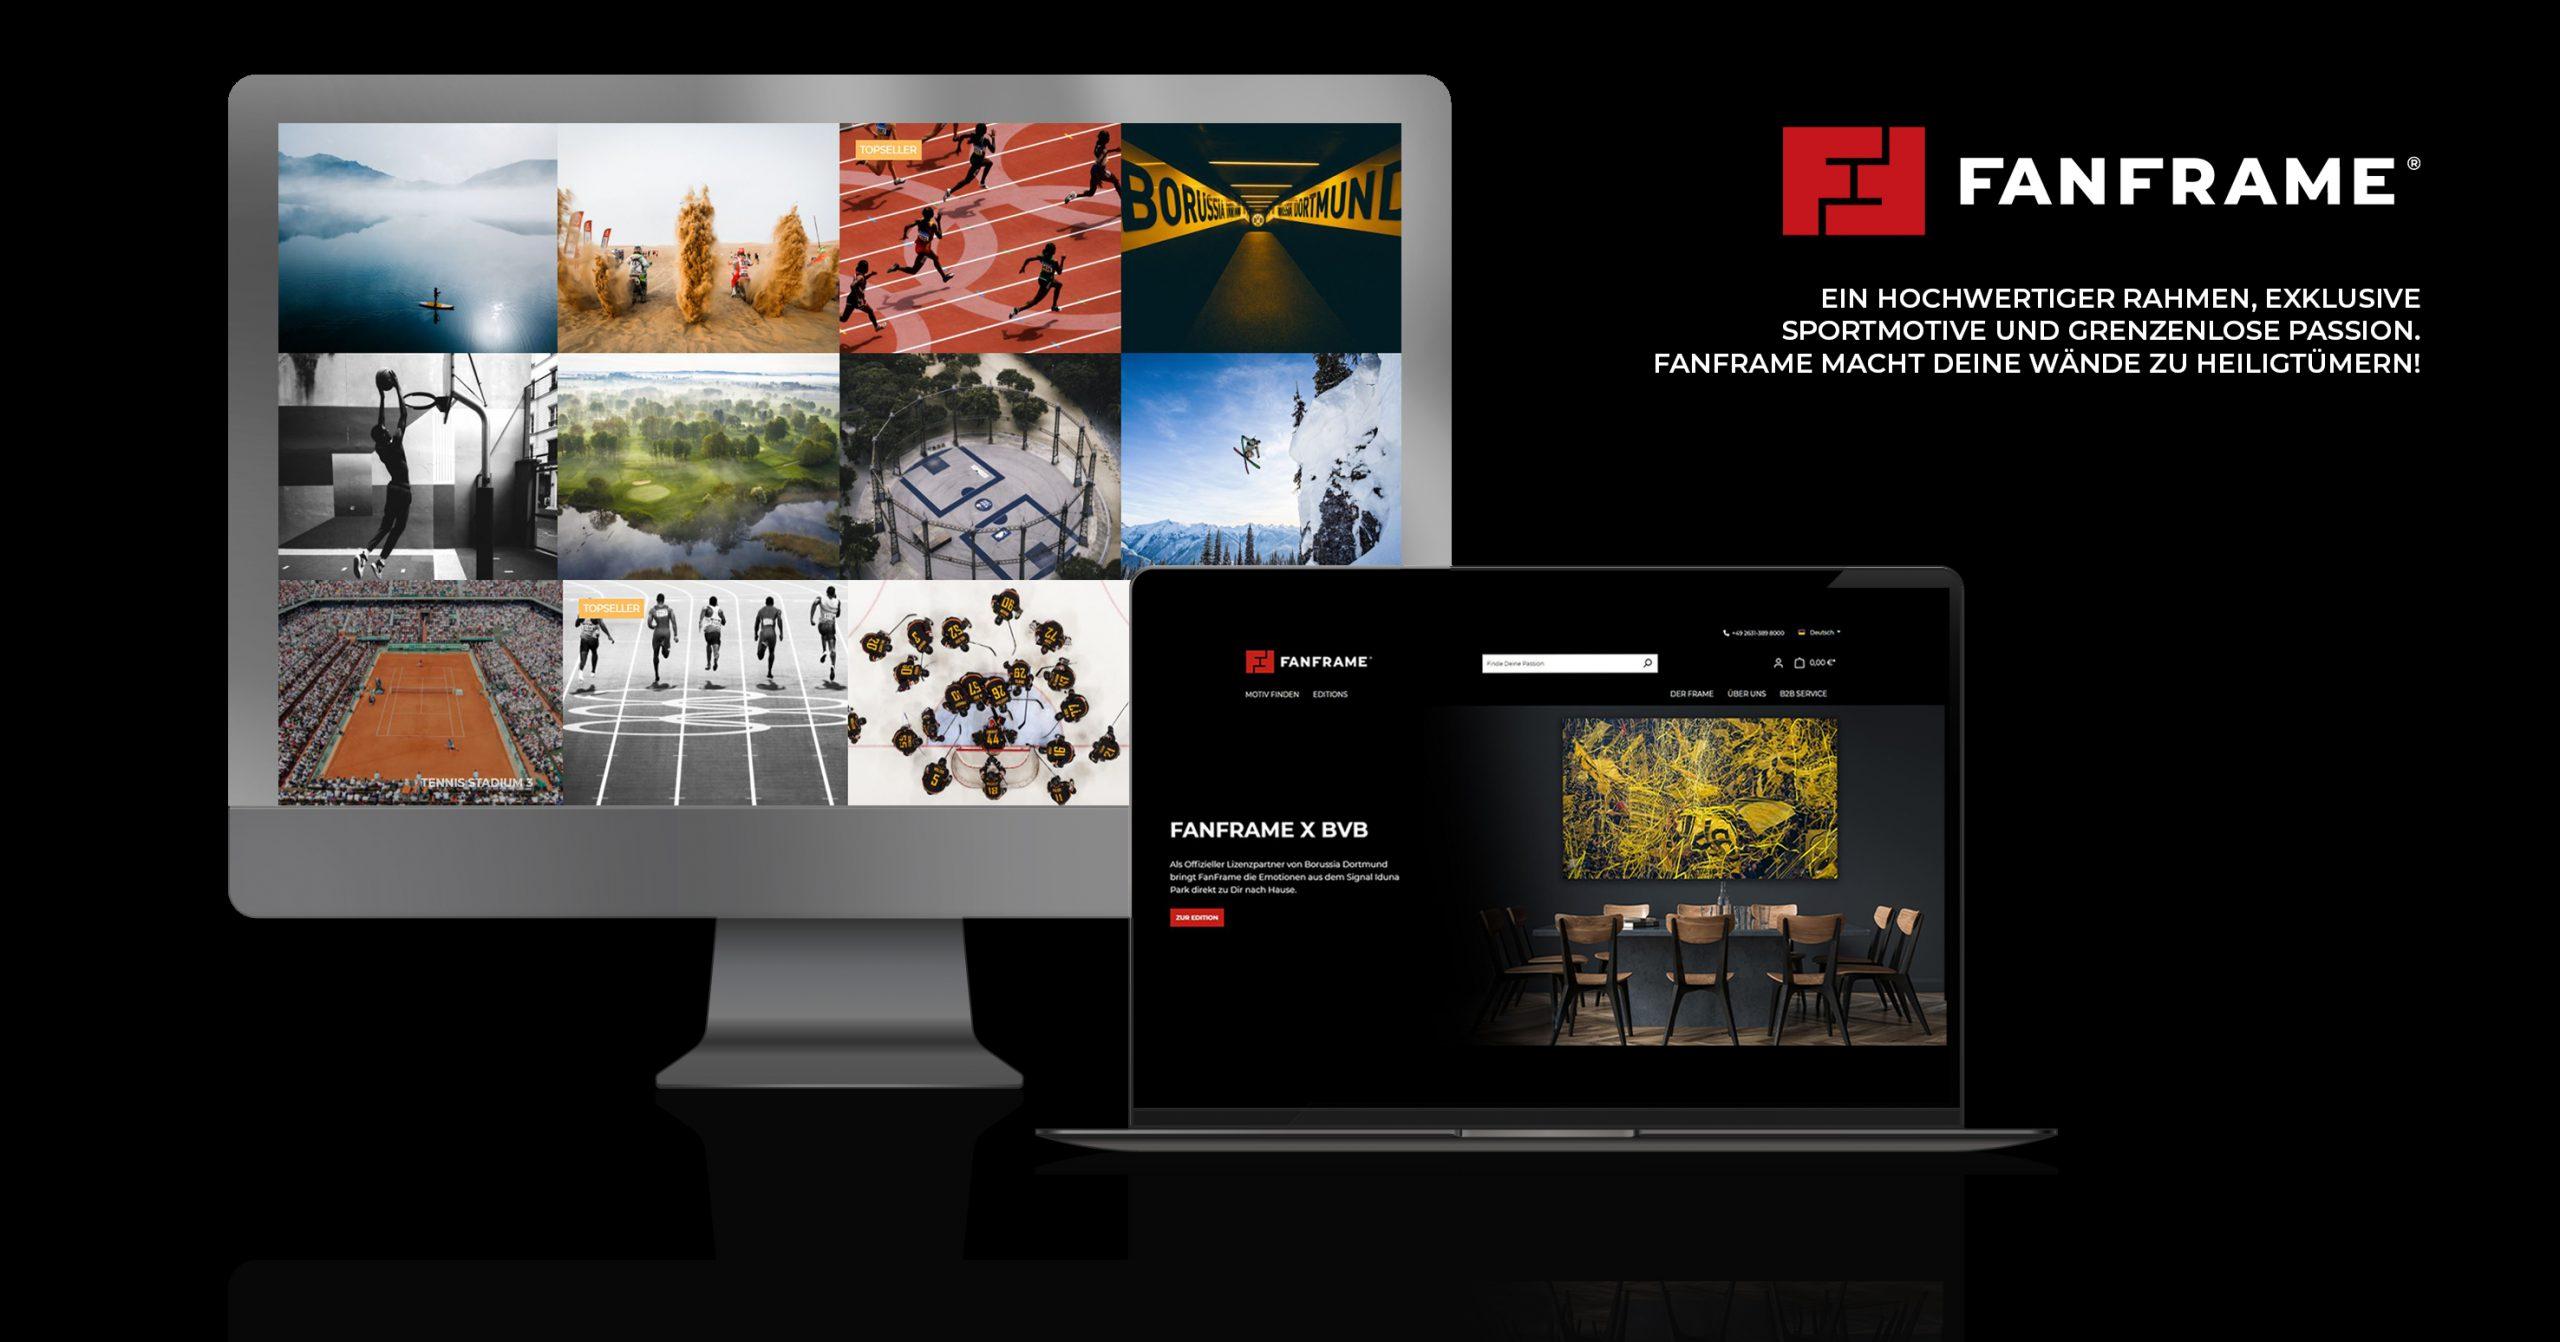 APA stellt neuesten E-Commerce-Shop vor